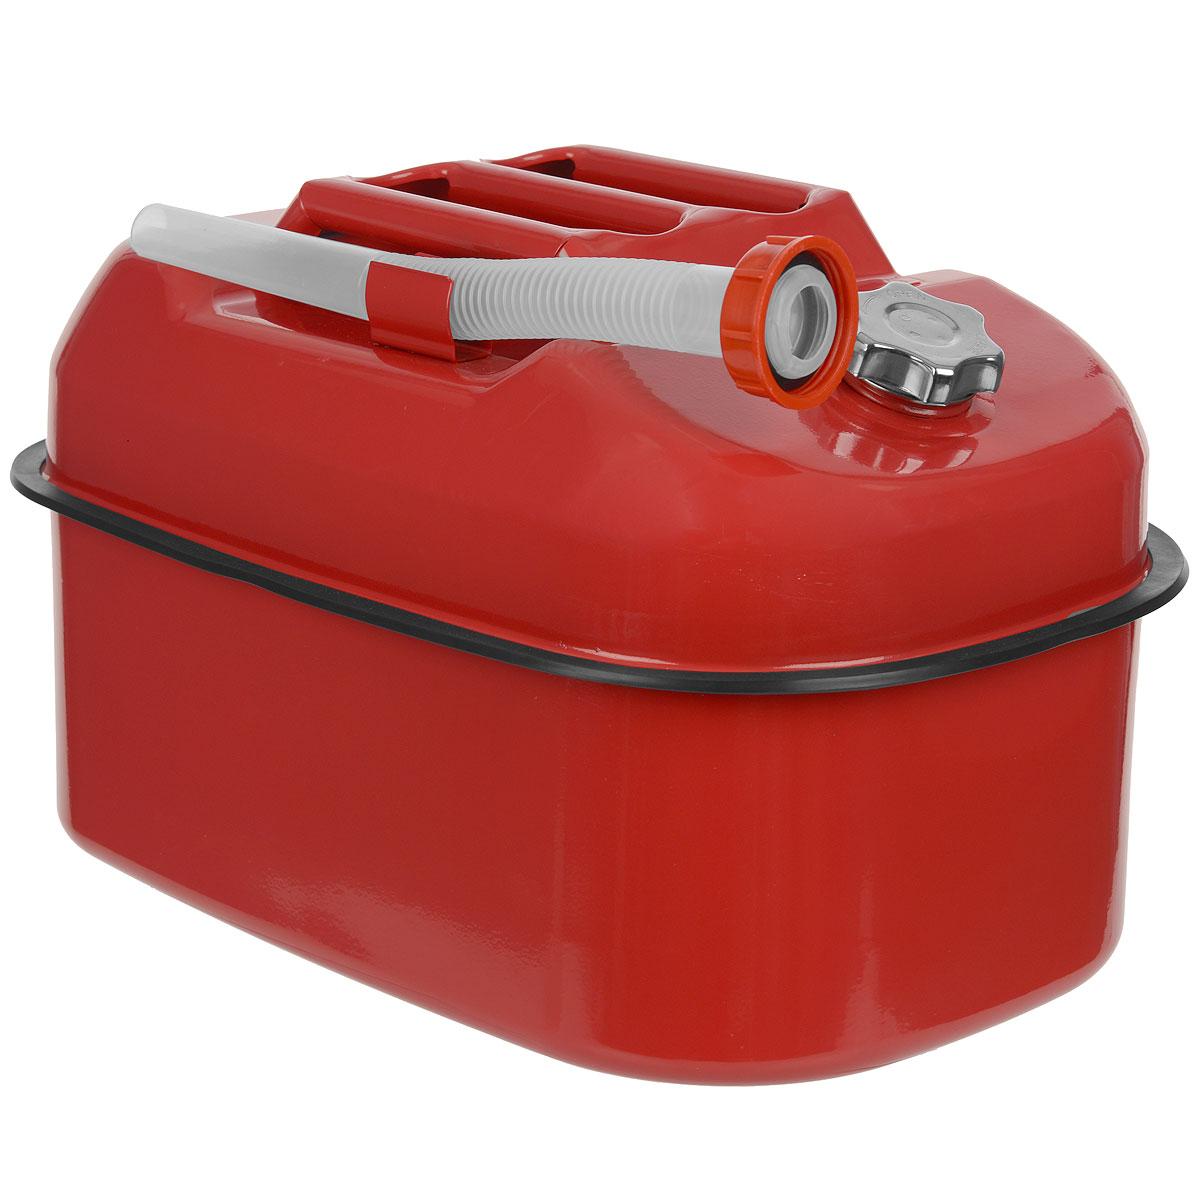 Канистра стальная Autoprofi, горизонтальная, 20 лKAN-500 (20L)Горизонтальная 20-литровая канистра Autoprofi особенно удобна для перевозки топлива в багажнике автомобиля, на квадроцикле, снегоходе или в катере. Горизонтальное распределение центра тяжести снижает риск опрокидывания емкости при транспортировке. Резиновый бортик канистры и отсутствие острых углов защищают от повреждений поверхность изделия и соседние предметы во время движения. Канистра изготовлена из оцинкованной стали, обладающей высокими антикоррозийными свойствами и устойчивостью к агрессивному воздействию залитого топлива. В верхнюю часть канистры встроен регулировочный клапан, который выравнивает давление воздуха внутри емкости с атмосферным, ускоряя процесс заливки и опорожнения. Также с канистрой поставляется длинная гофрированная трубка-лейка. С ее помощью удобно заливать топливо в горловину бака любой конфигурации. Характеристики: Материал: оцинкованная сталь. Цвет: красный. Объем: 20 л. Размер канистры (ДхШхВ): 40 см х 28 см х 27 см. ...